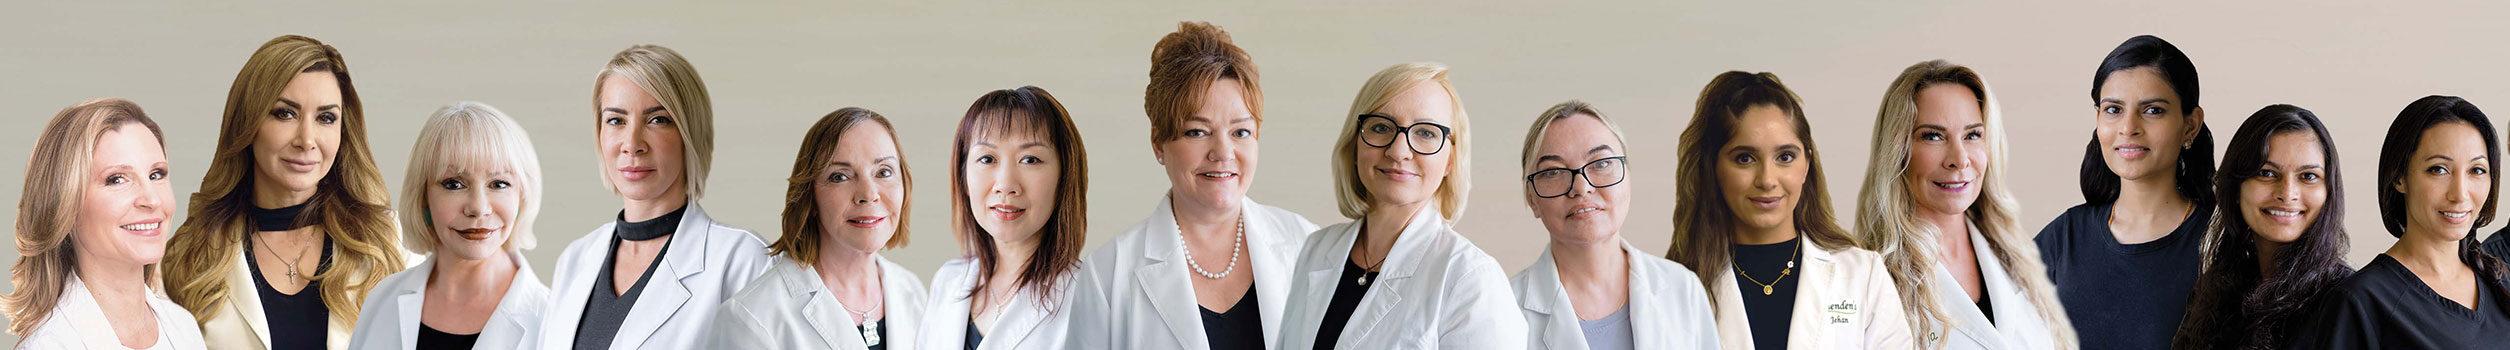 Schenden's Medical Spa Team Picture